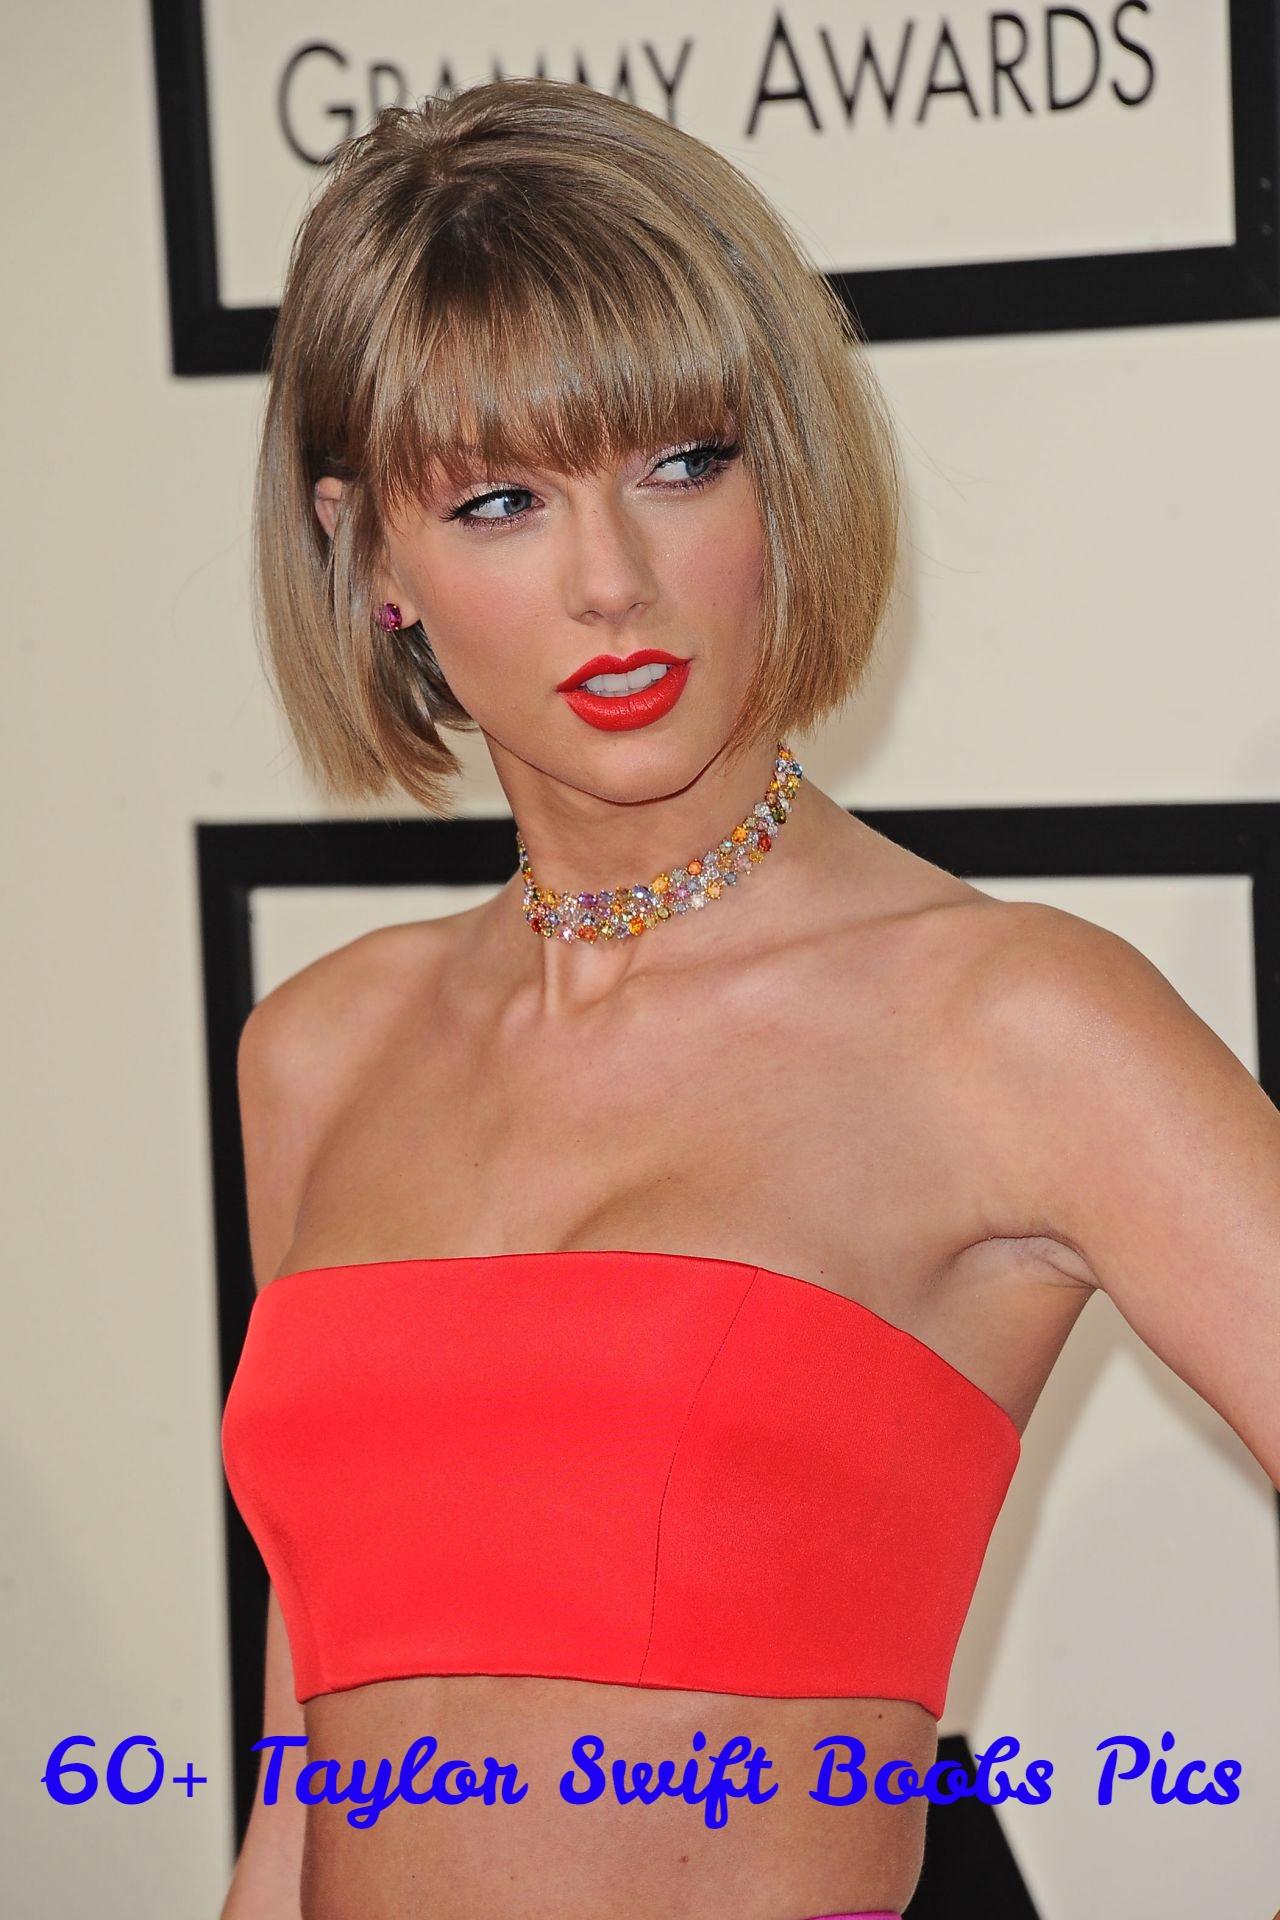 Taylor Swift tits pics